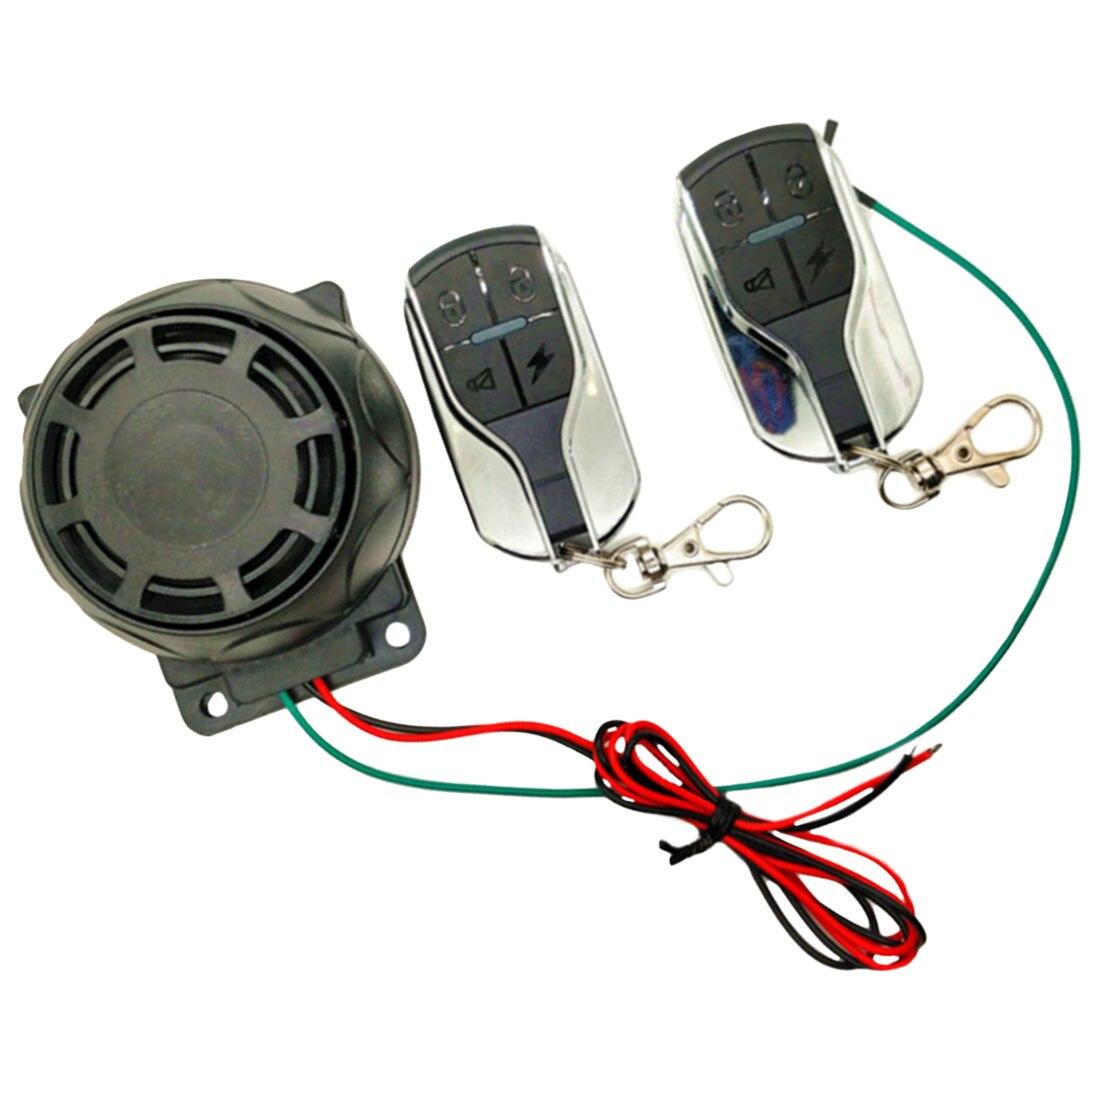 Система охранной сигнализации для мотоцикла с дистанционным управлением, Противоугонная сигнализация для скутера и велосипеда, два пульта...